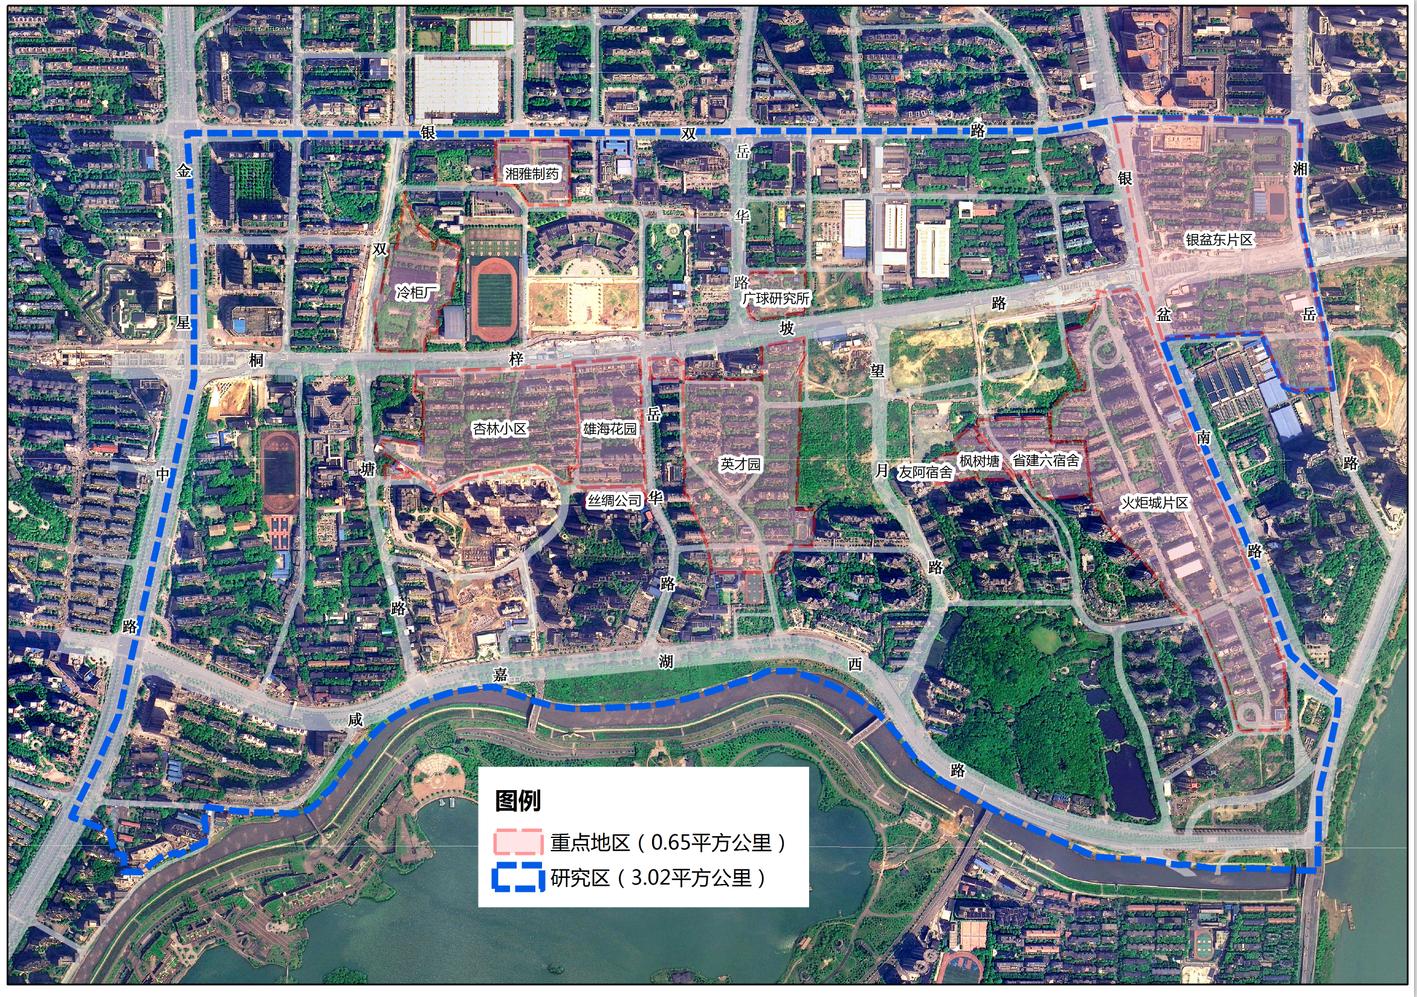 新湘雅健康城项目前期调研服务的询价公告